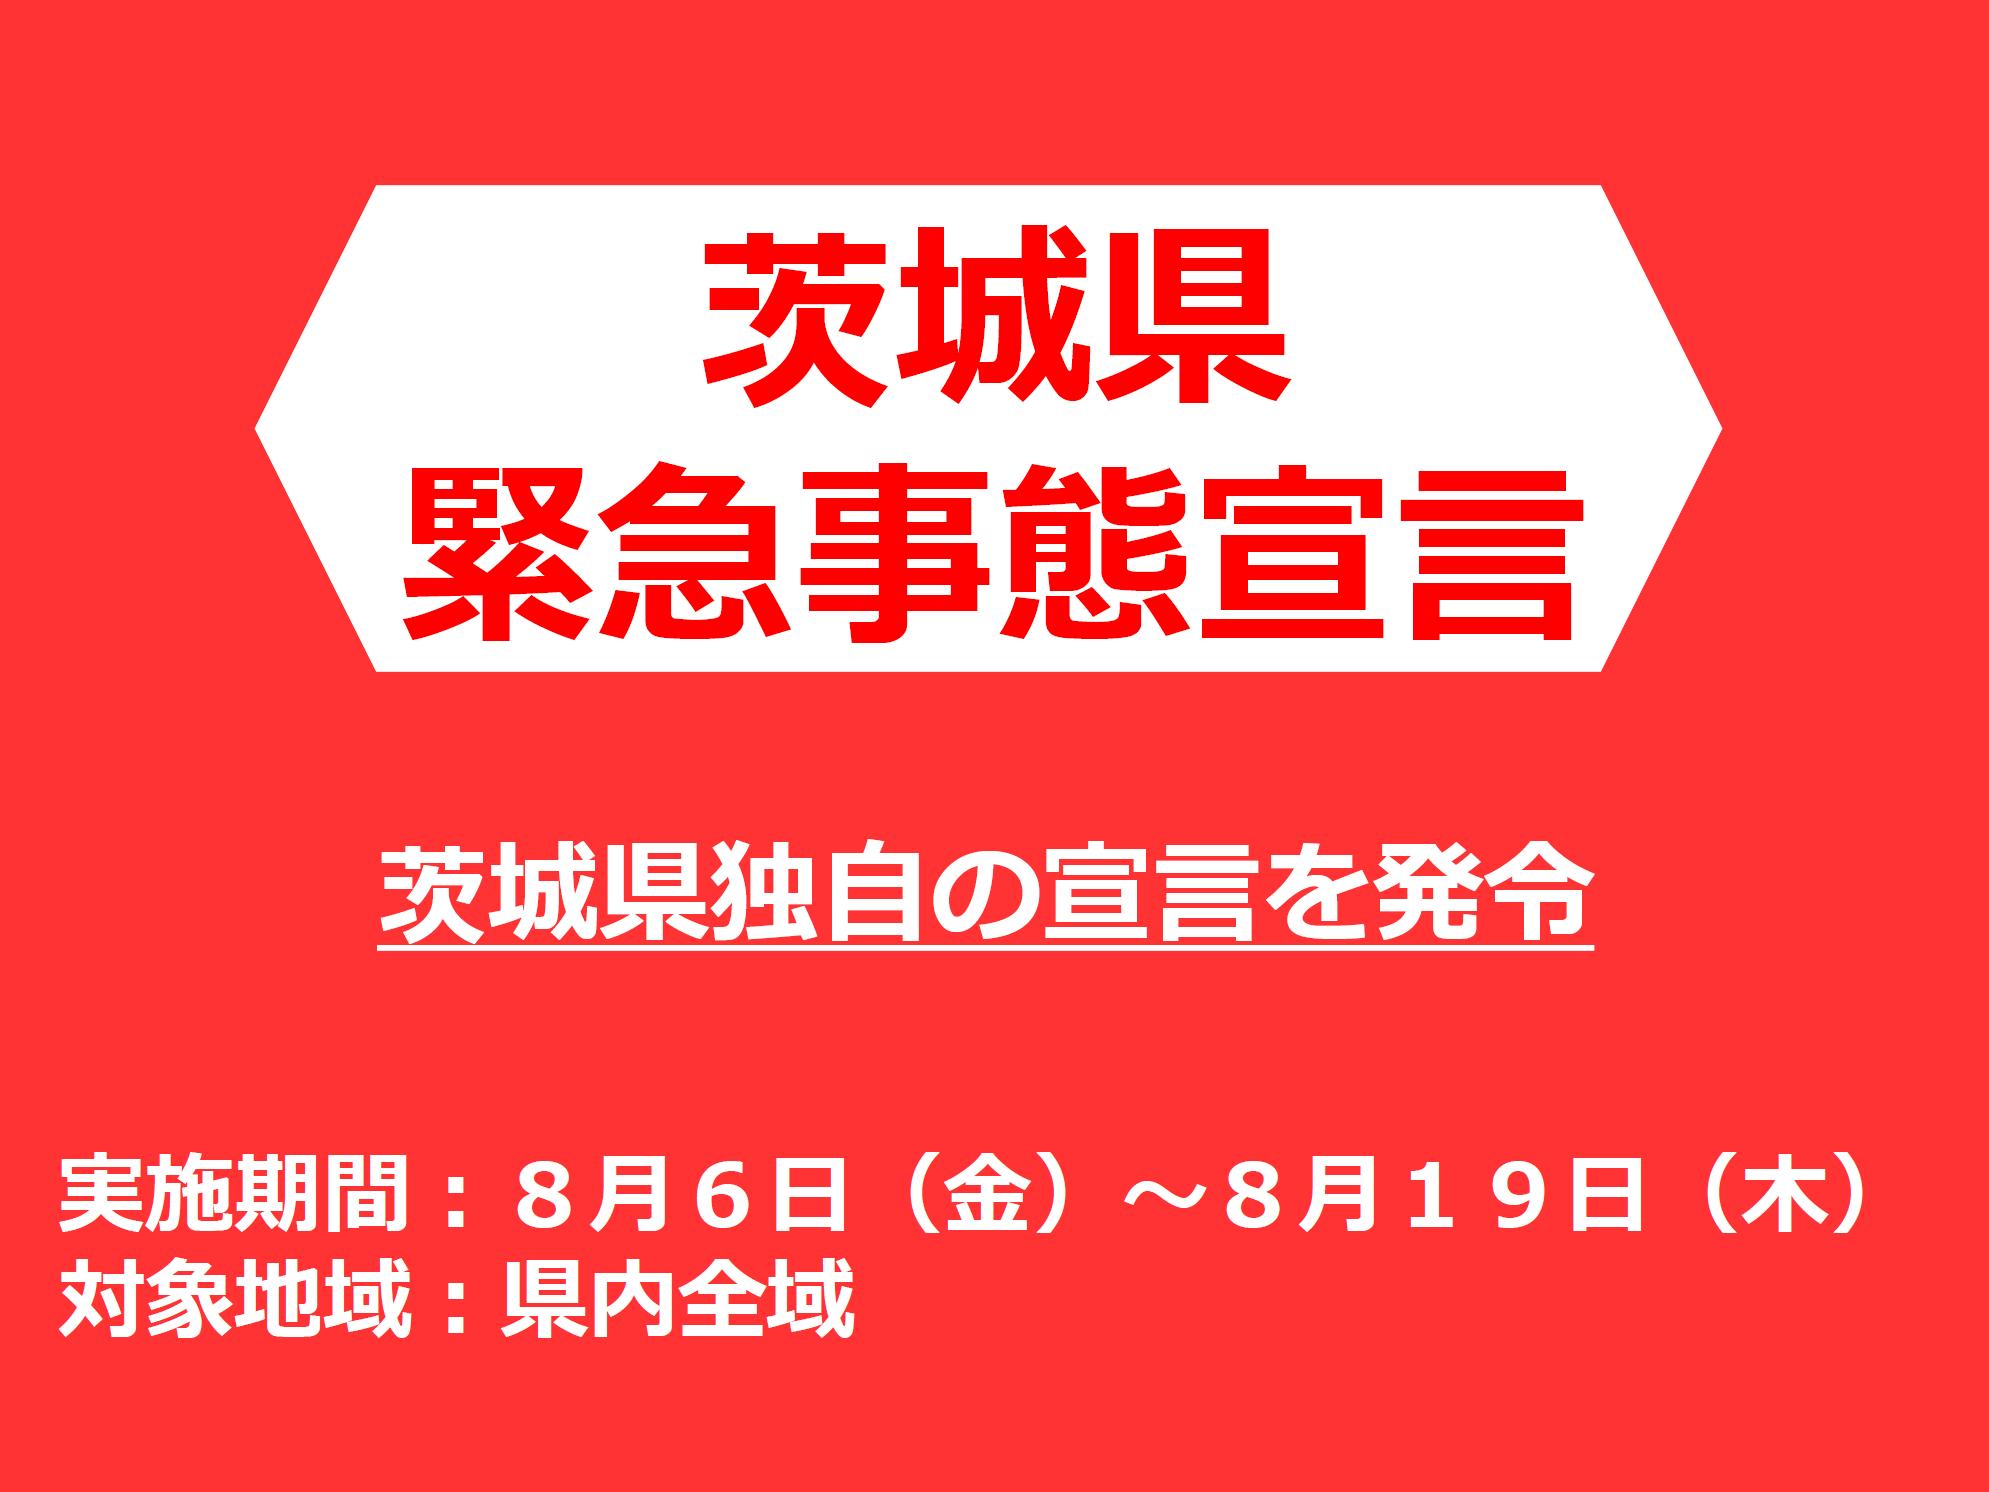 8月6日(金)から茨城県独自の緊急事態宣言が発令されますpage-visual 8月6日(金)から茨城県独自の緊急事態宣言が発令されますビジュアル